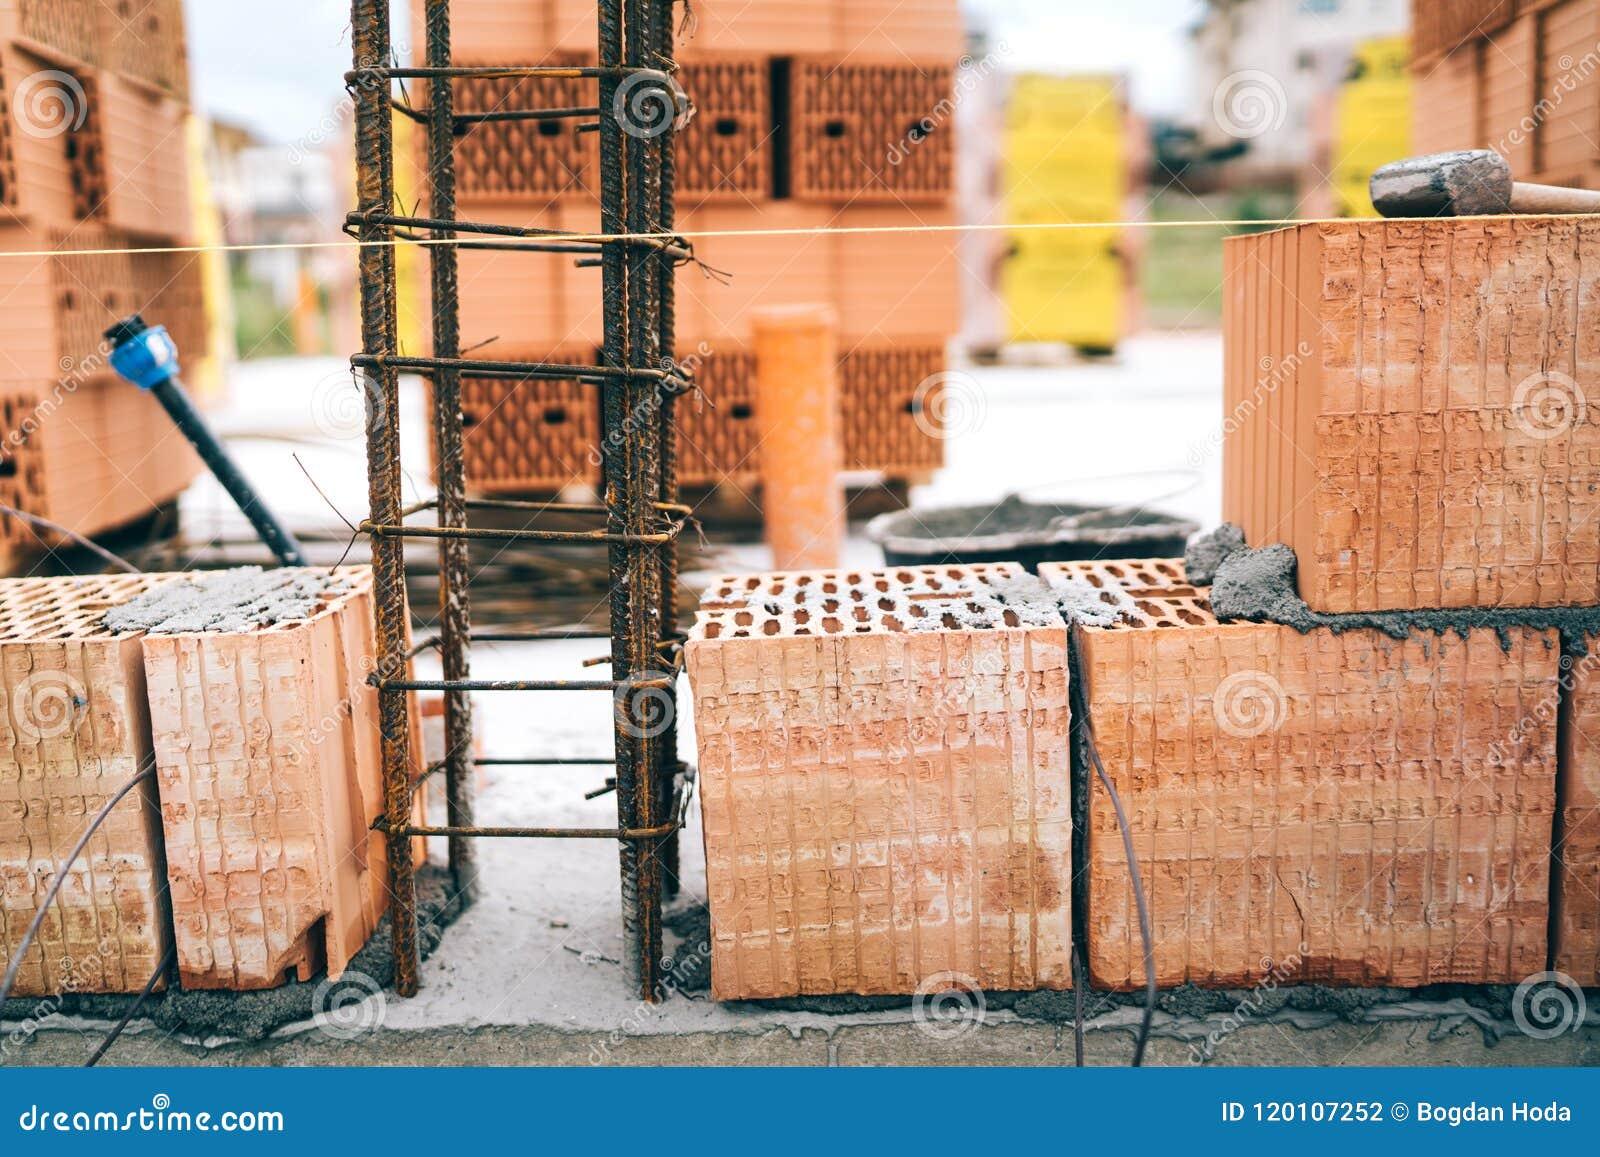 Construcci n de viviendas paredes de ladrillo e - Viviendas de acero ...